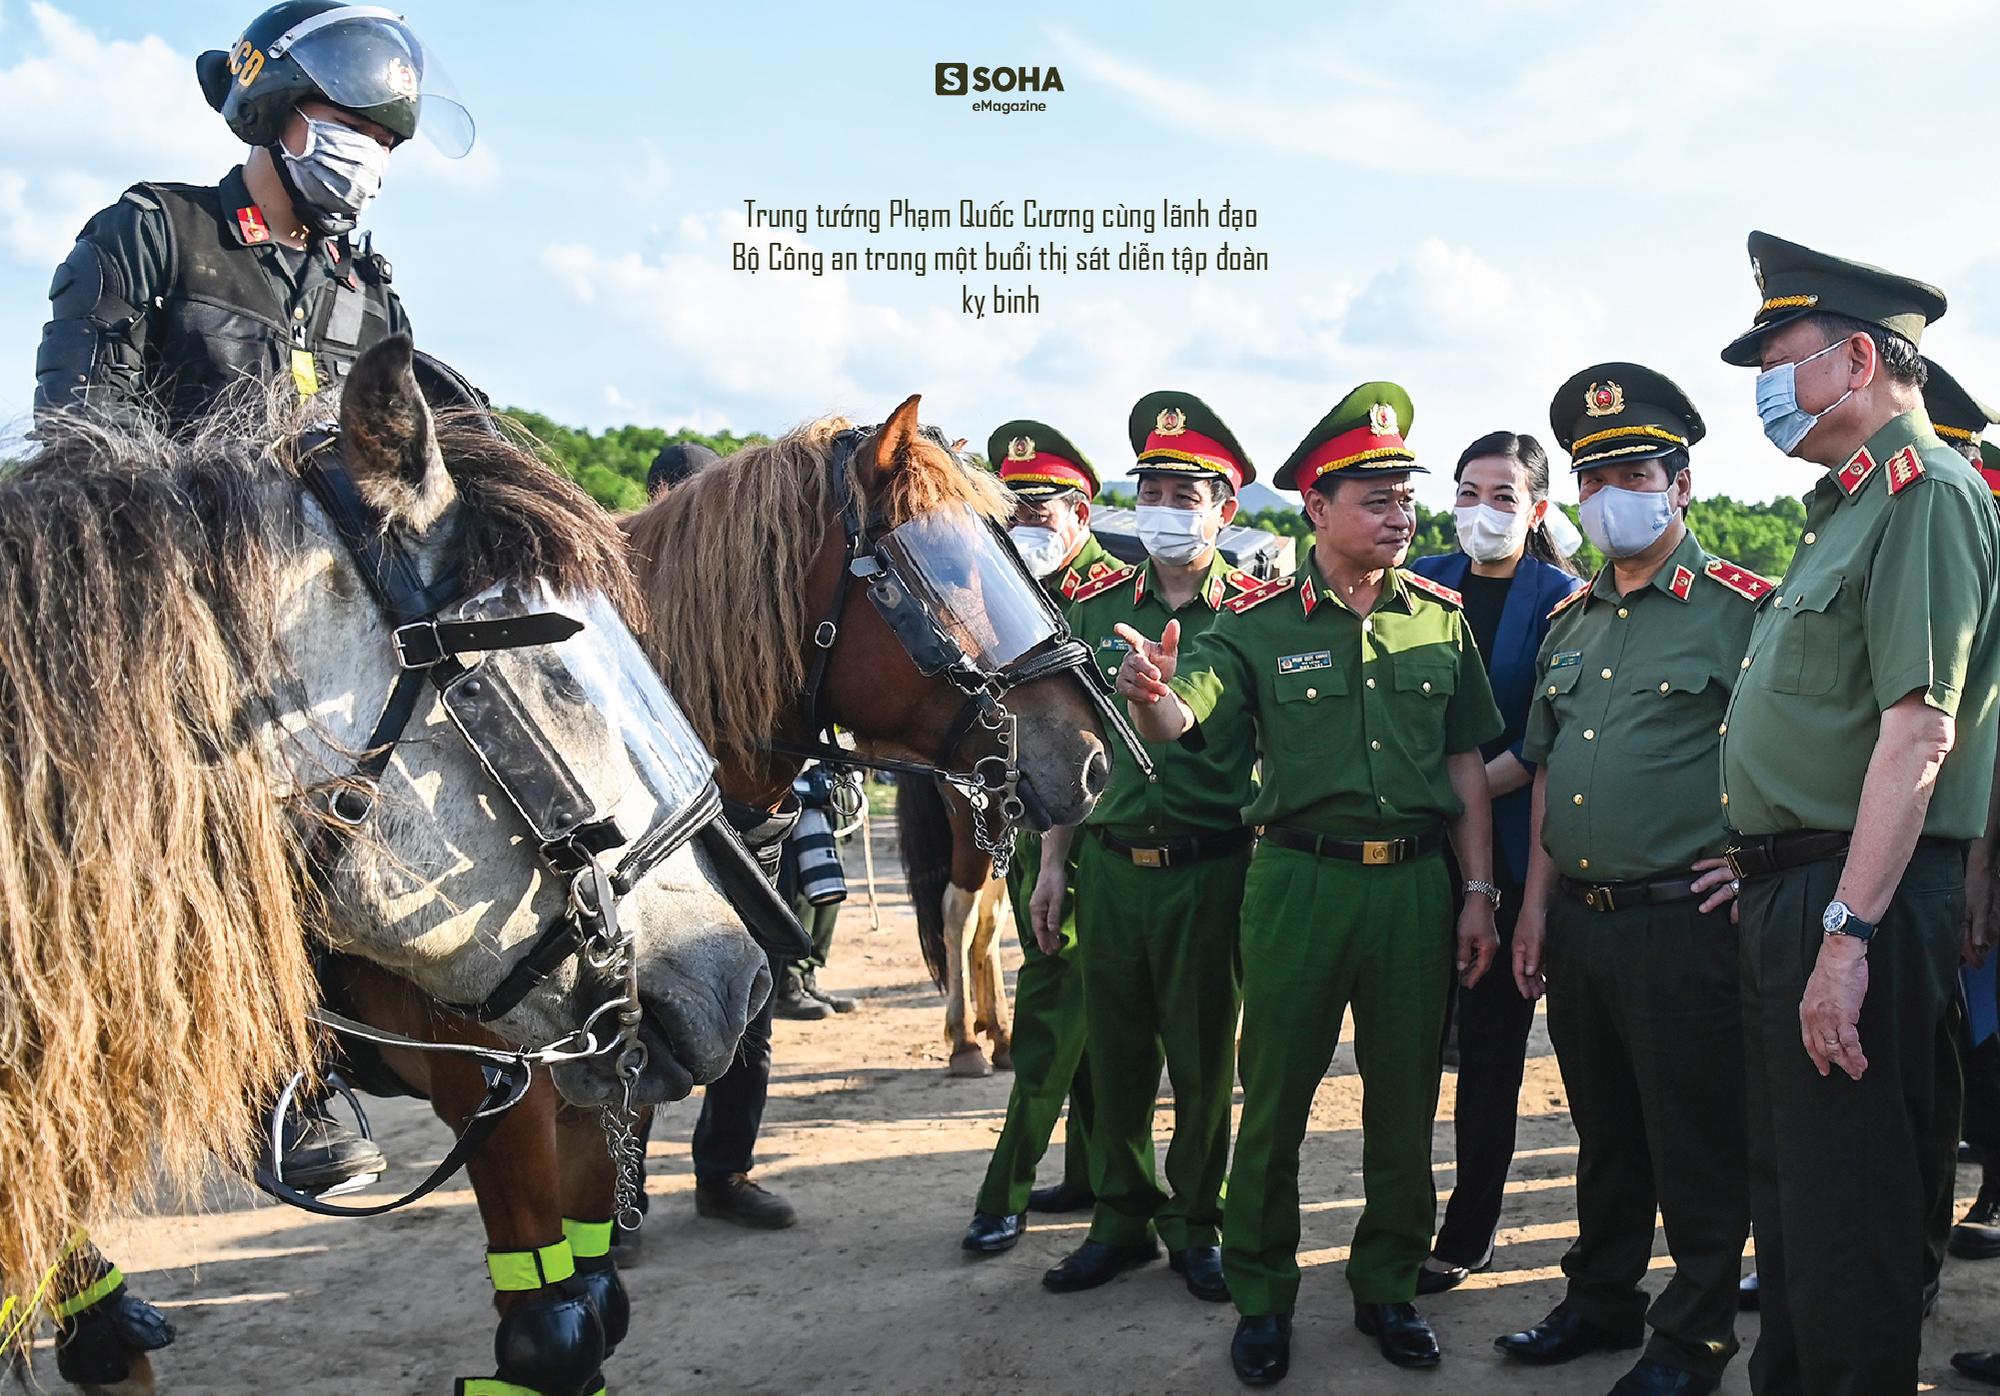 """Trung tướng Phạm Quốc Cương: """"Cảnh sát cơ động sẽ được trang bị máy bay, tàu thủy"""" - Ảnh 12."""